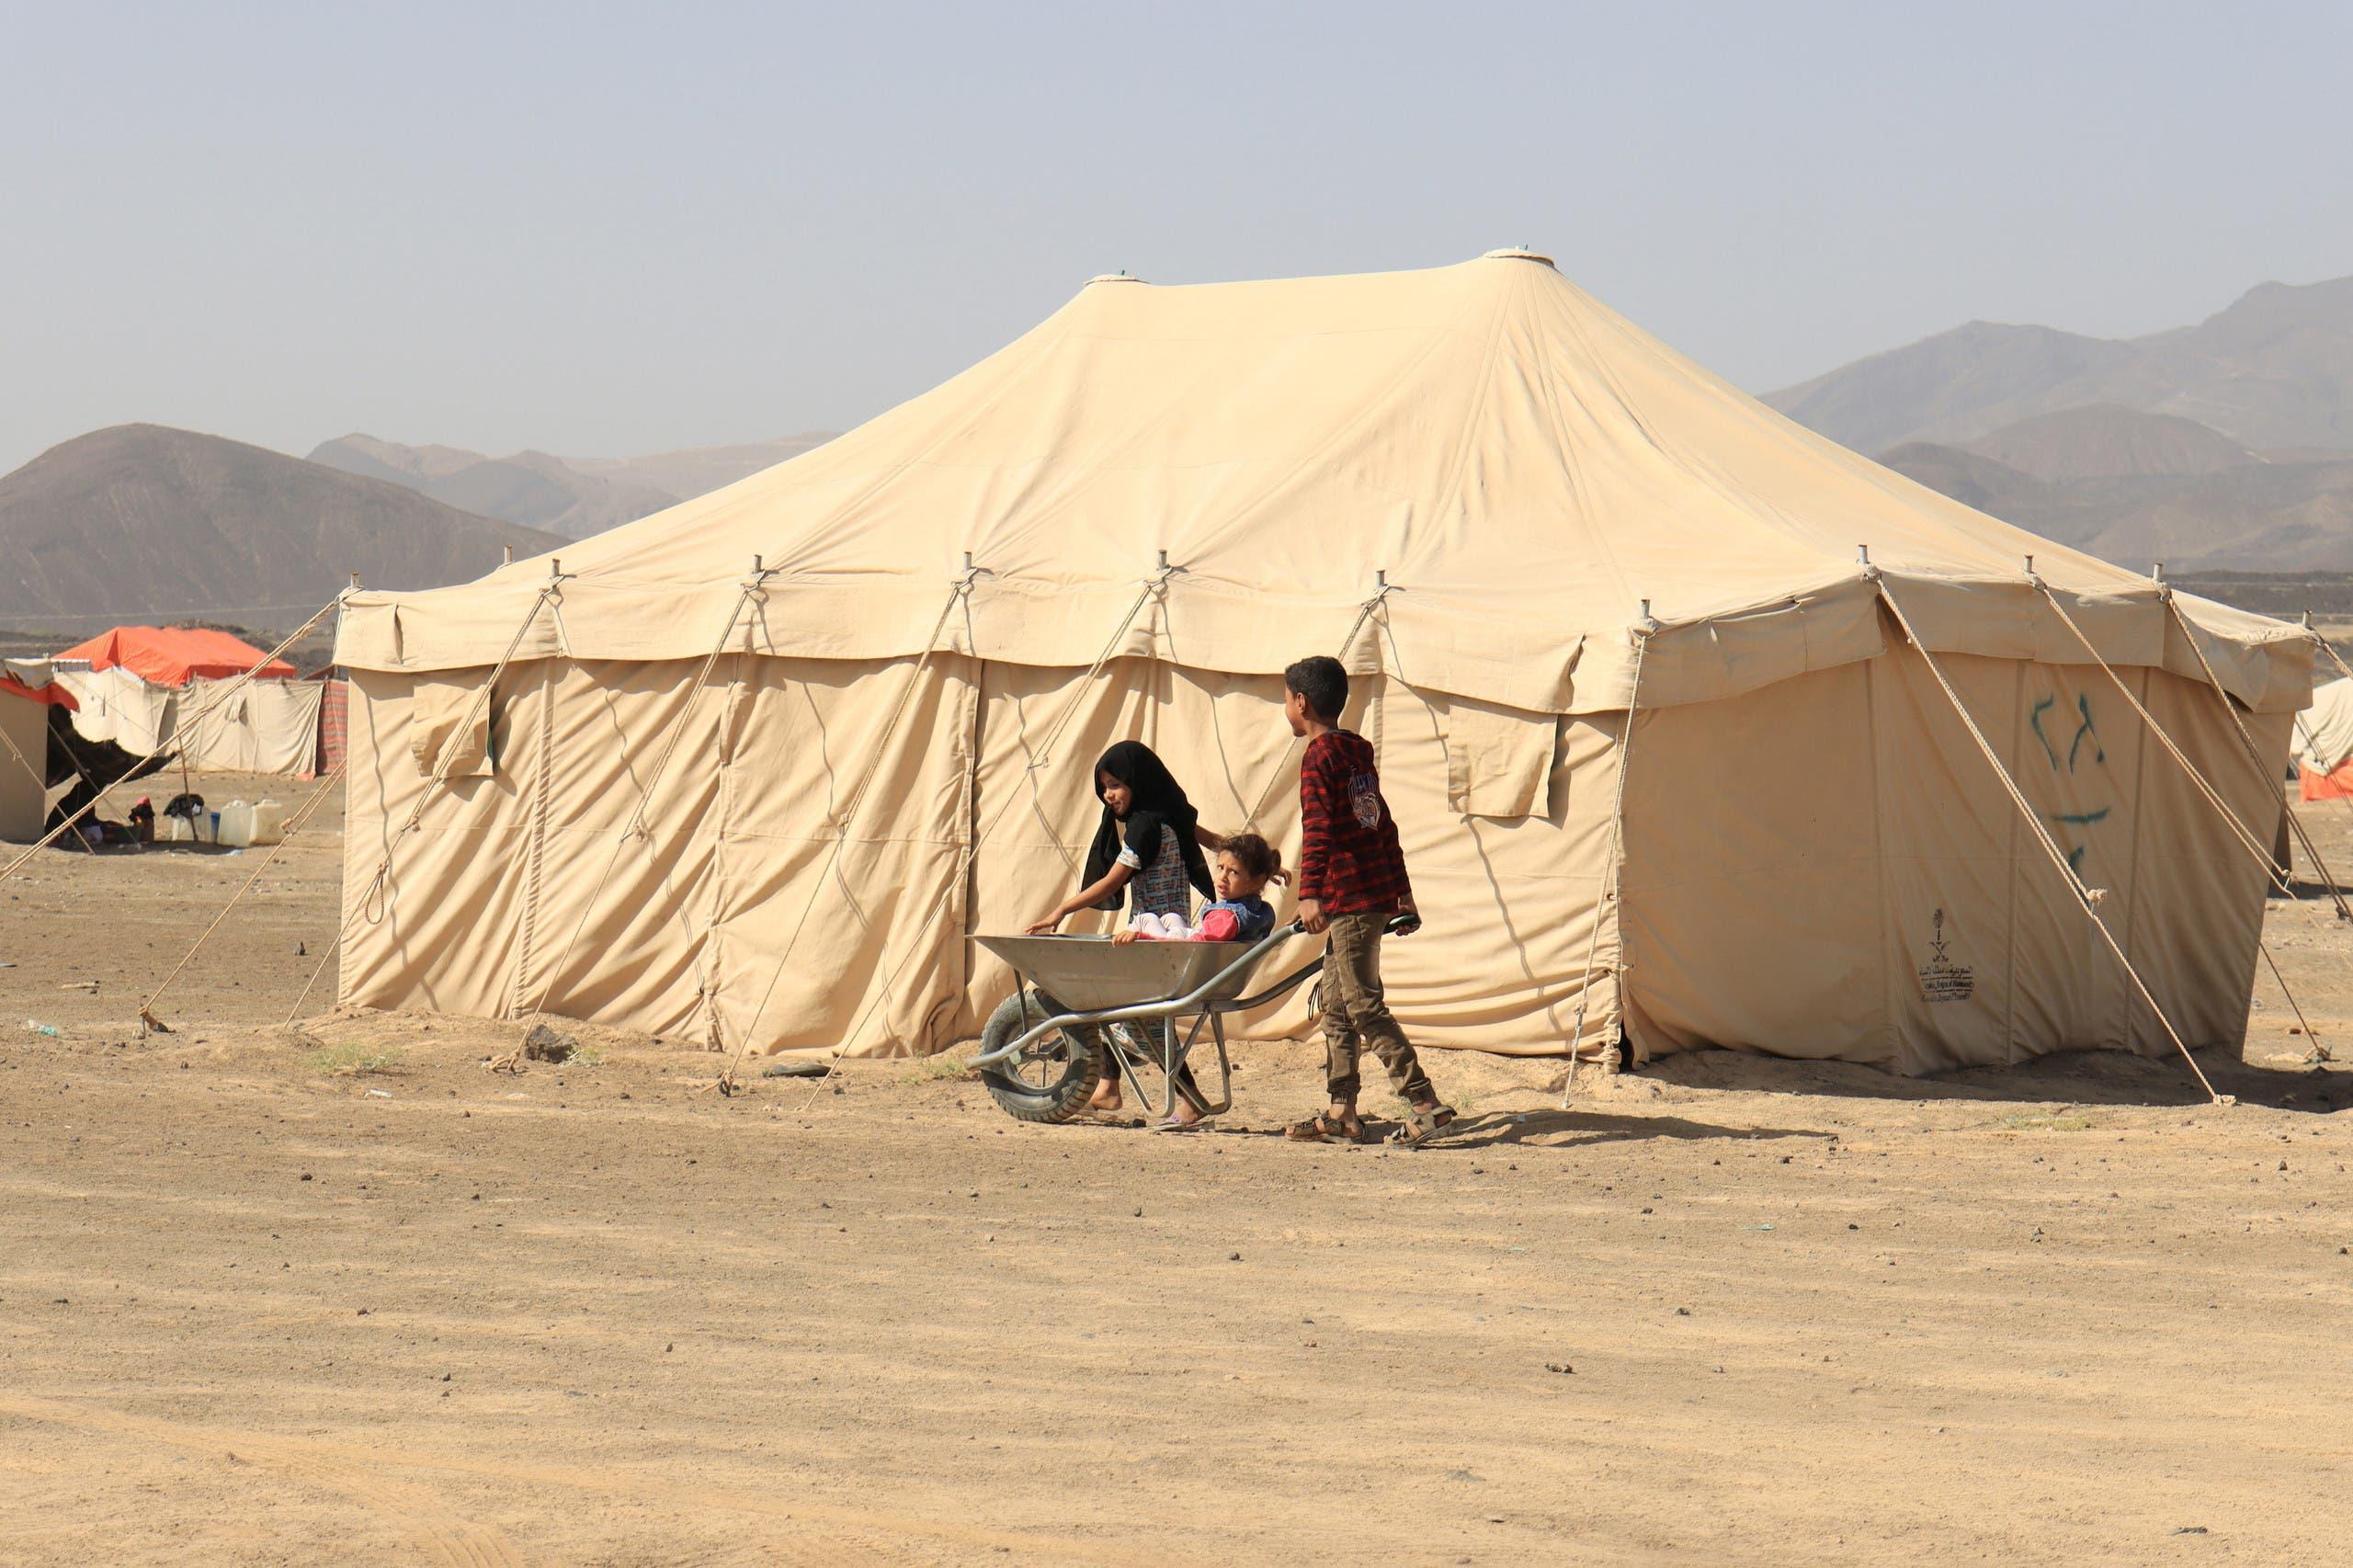 أطفال في مخيم للنازحين في مأرب (أرشيفية)